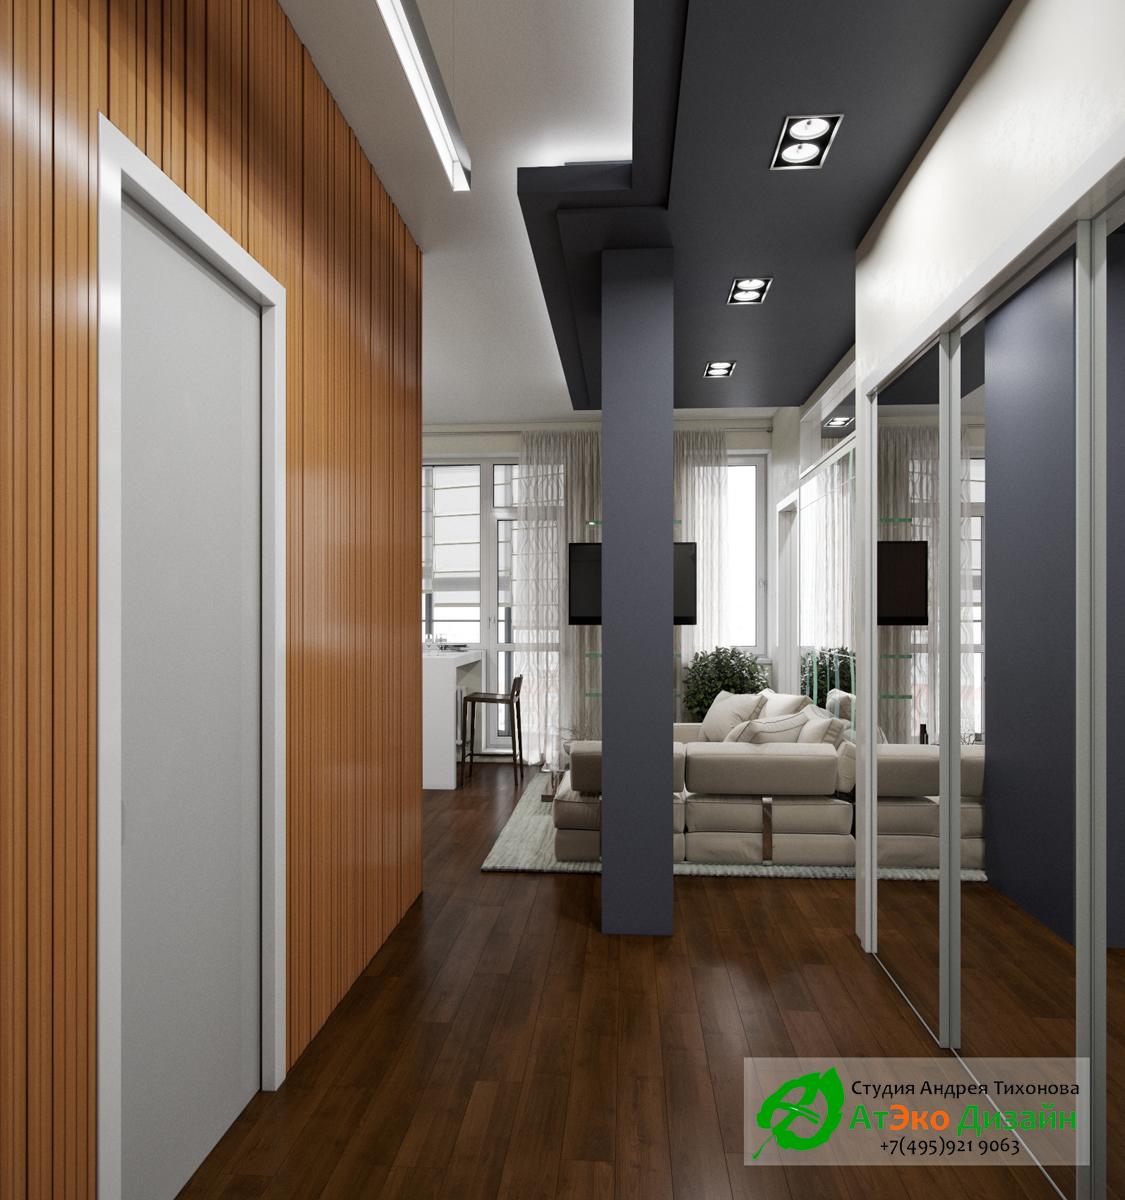 Фото дизайна прохожей квартиры в современном стиле в Сколково